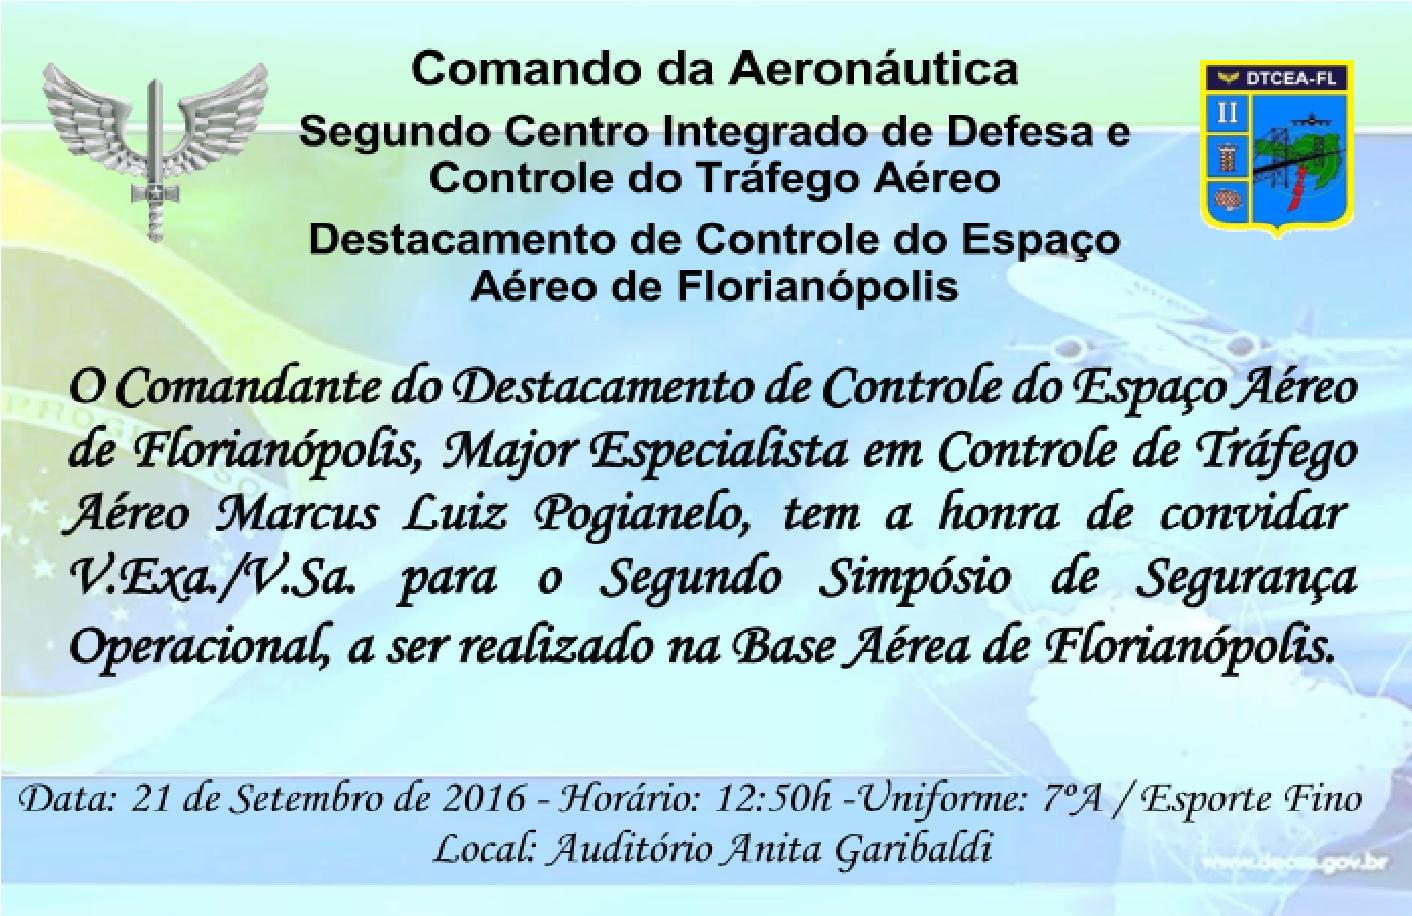 SIMPÓSIO DE SEGURANÇA OPERACIONAL, promovido pelo DTCEA-FL